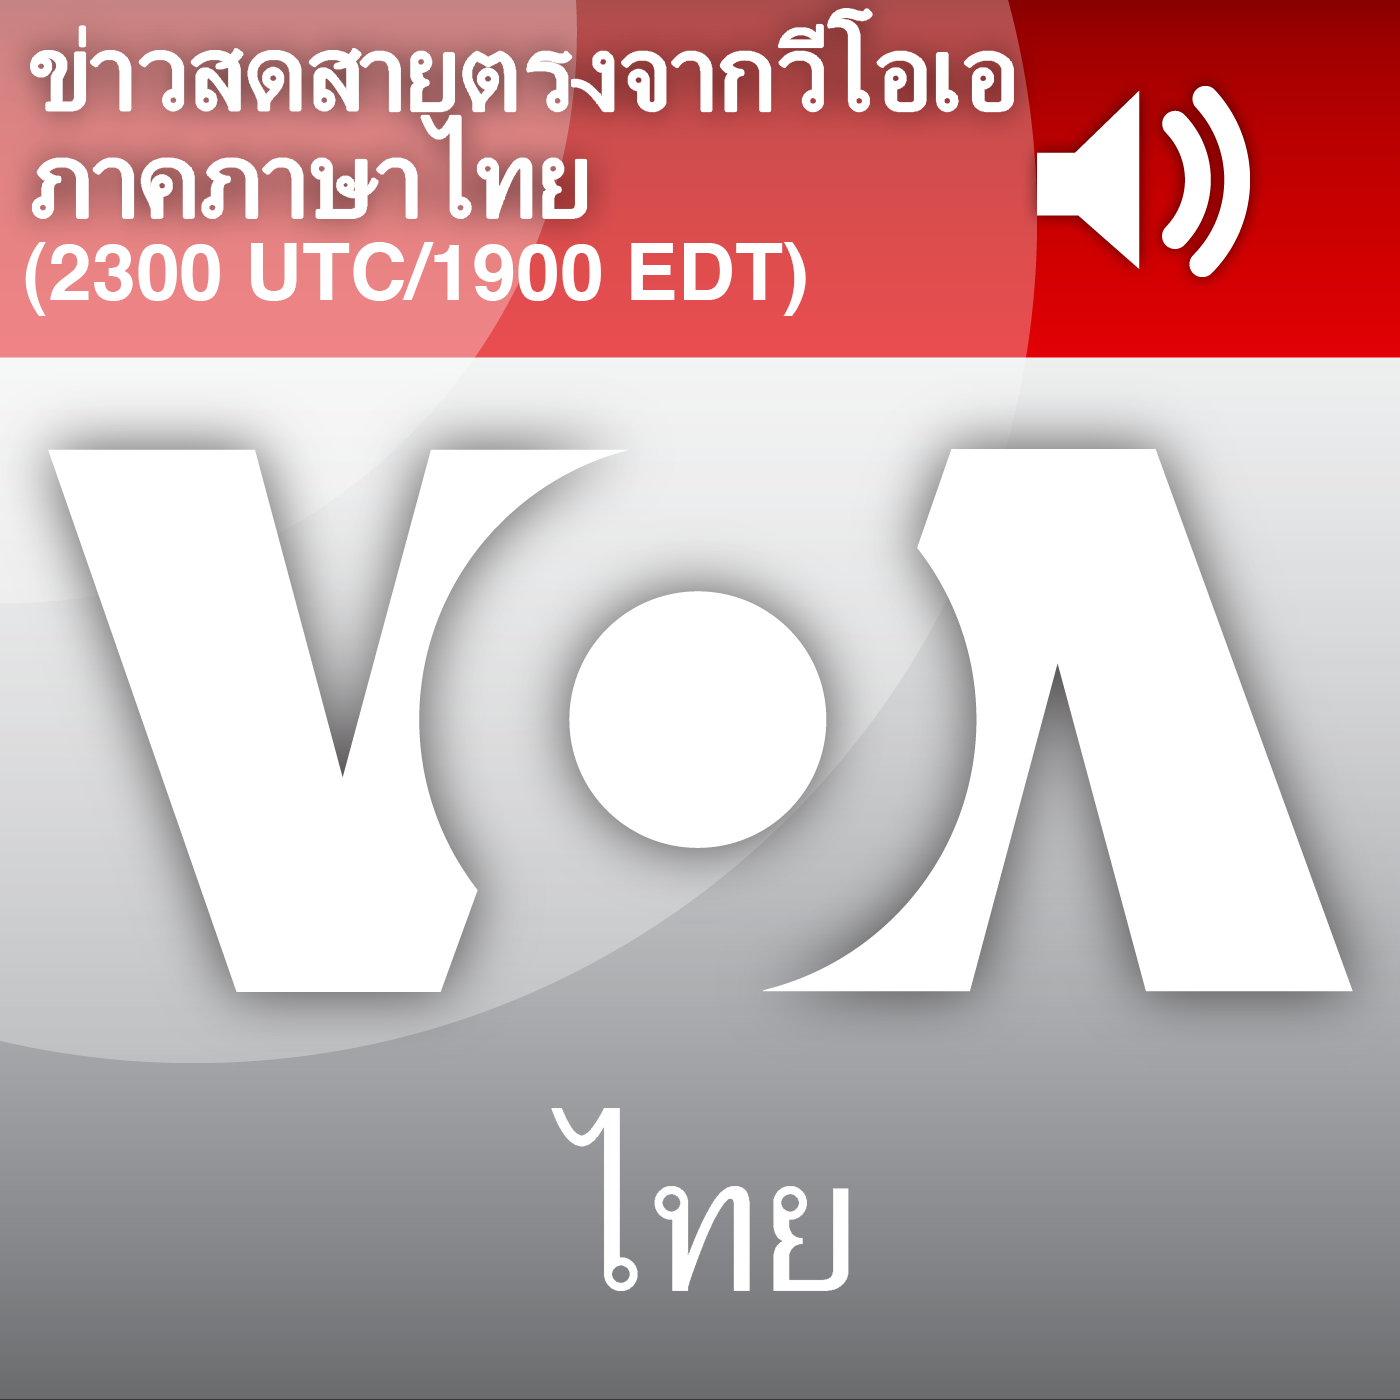 ข่าวสดสายตรงจากวีโอเอ ภาคภาษาไทย 6:00 – 6:30 น. - วอยซ์ ออฟ อเมริกา